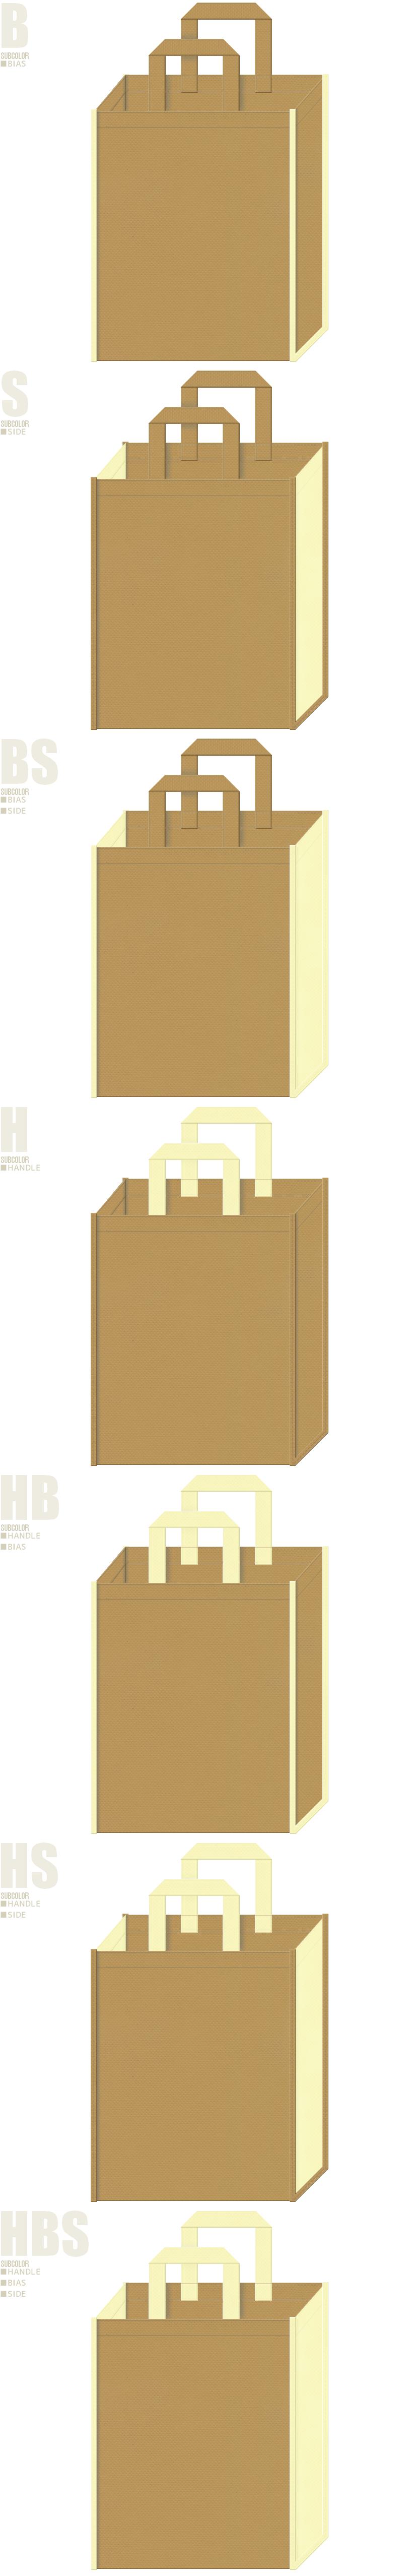 キウイフルーツ・コーヒーロール・ベーカリーにお奨めの不織布バッグデザイン:金黄土色と薄黄色の配色7パターン